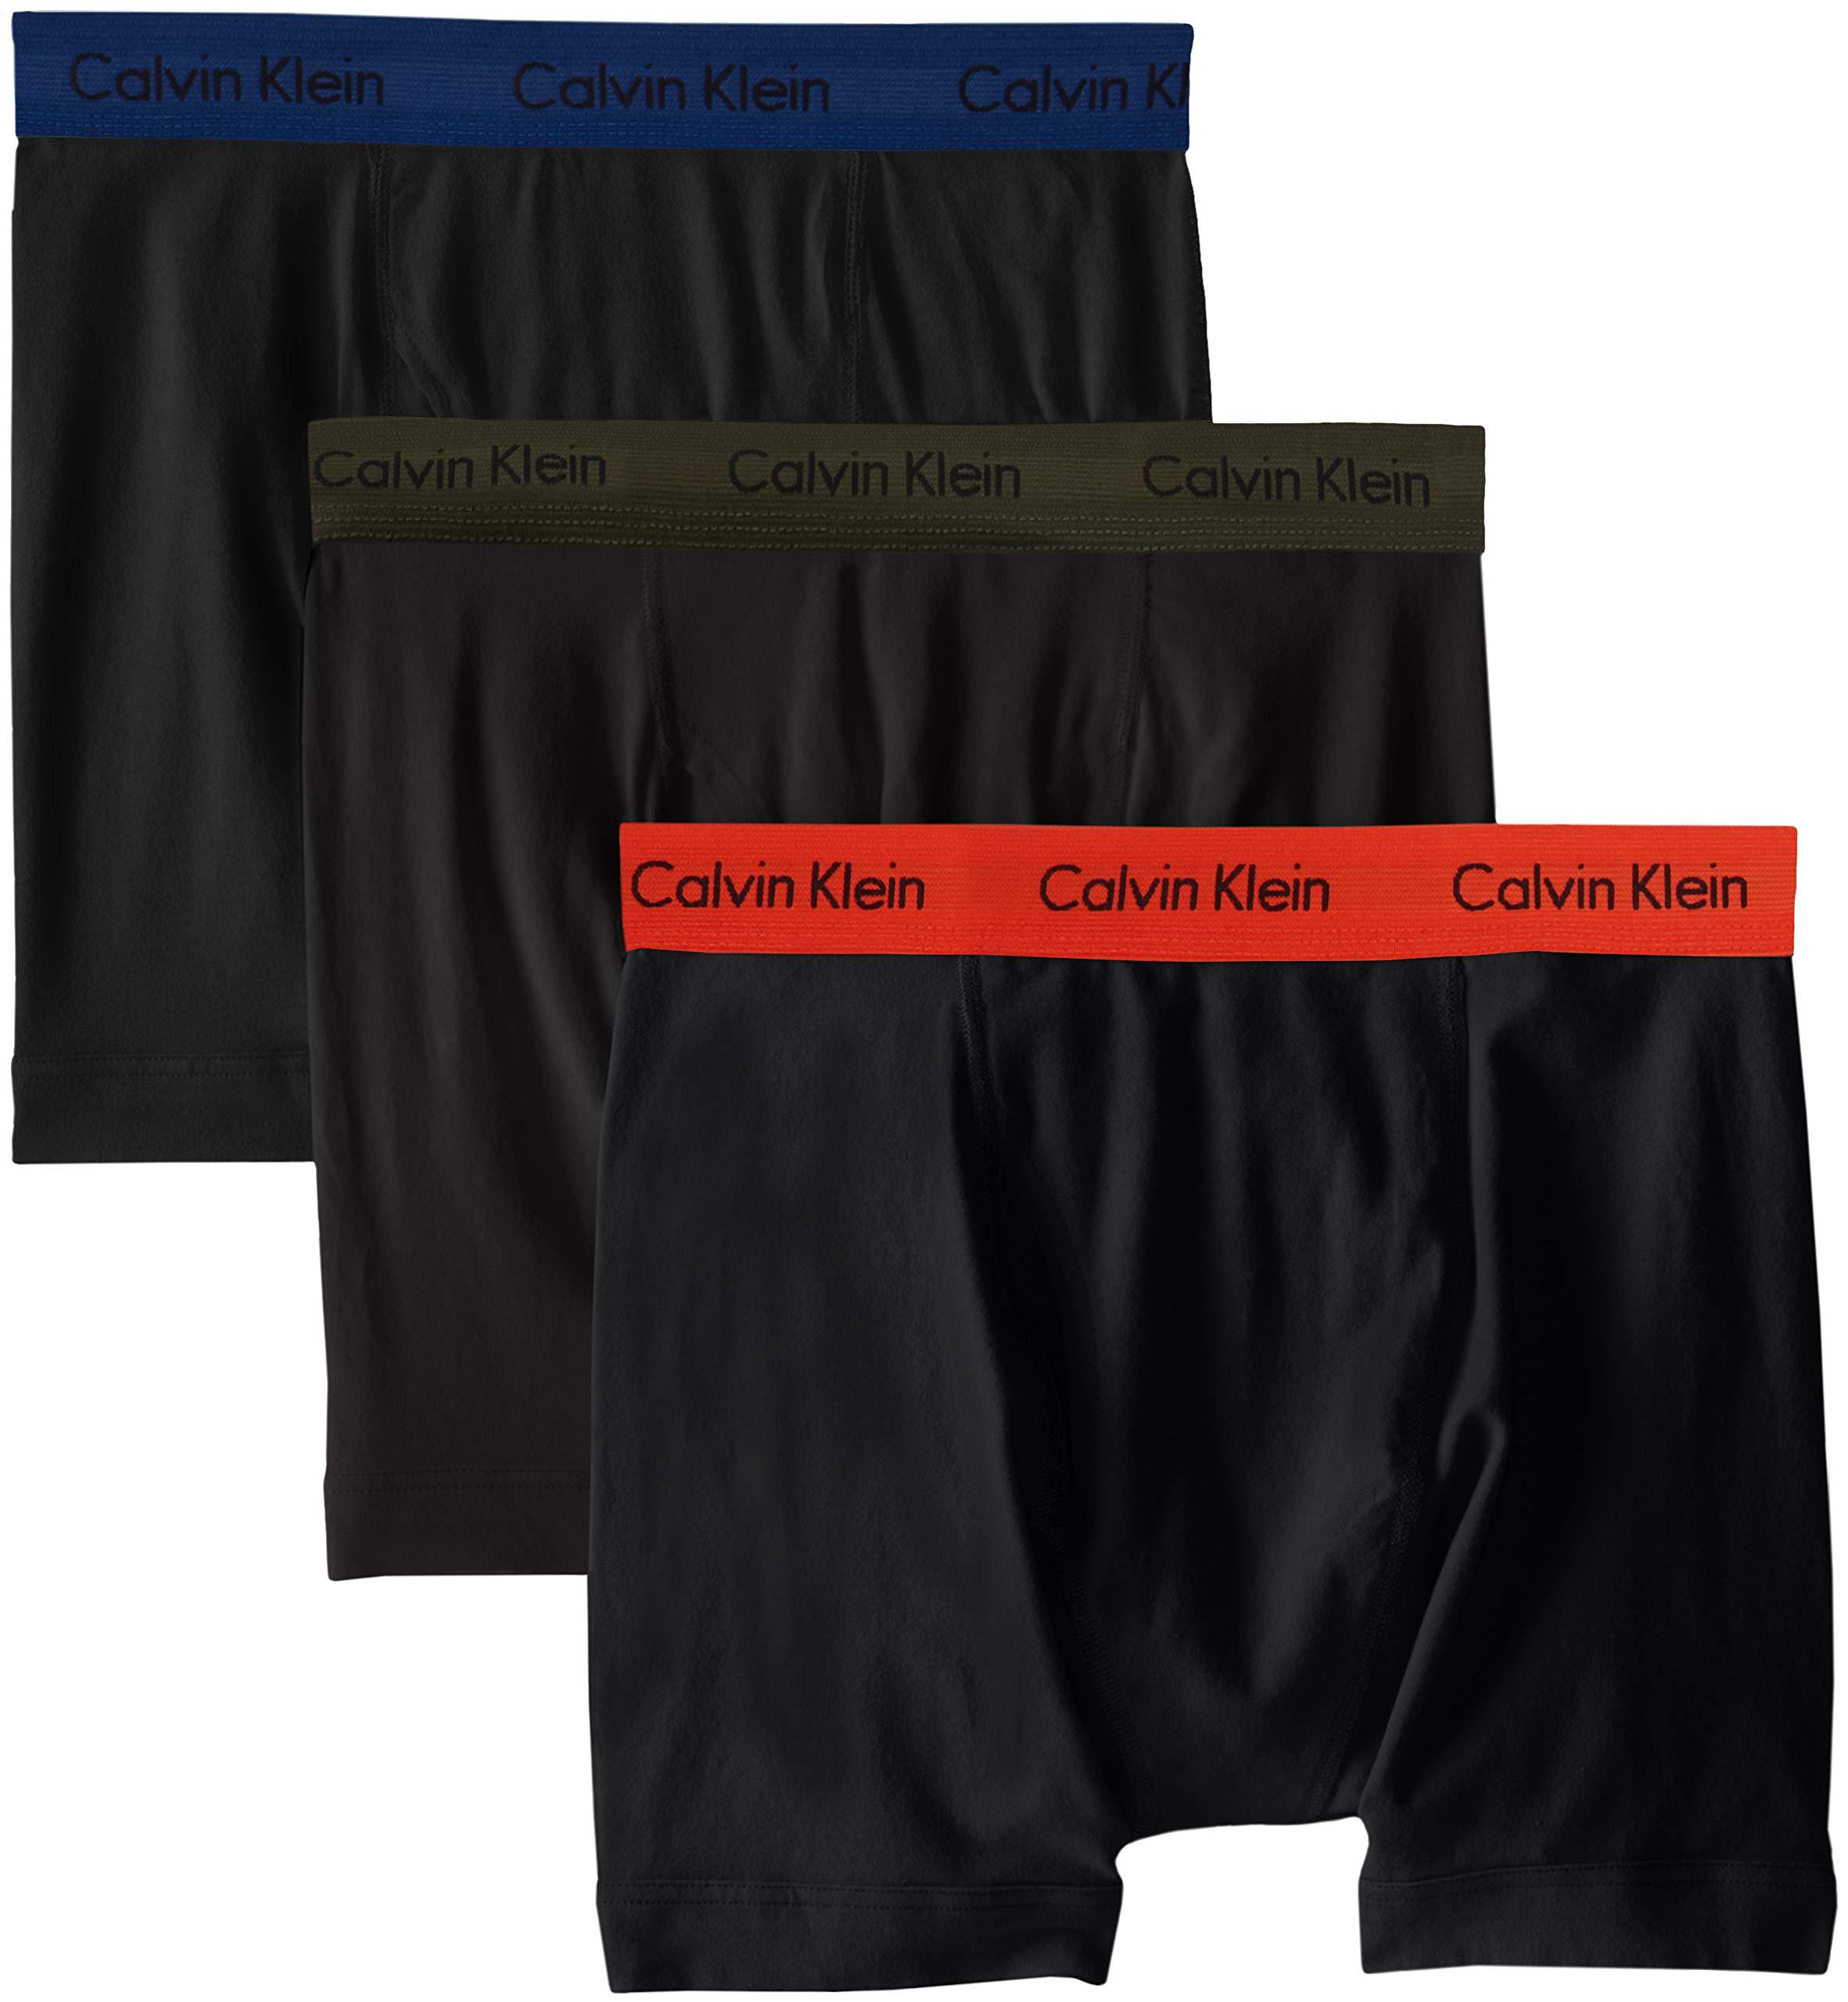 Calvin Klein Men's Cotton Stretch 3 Pack Boxer Briefs, Black/Forest Dark Night/Spicy Orange, M